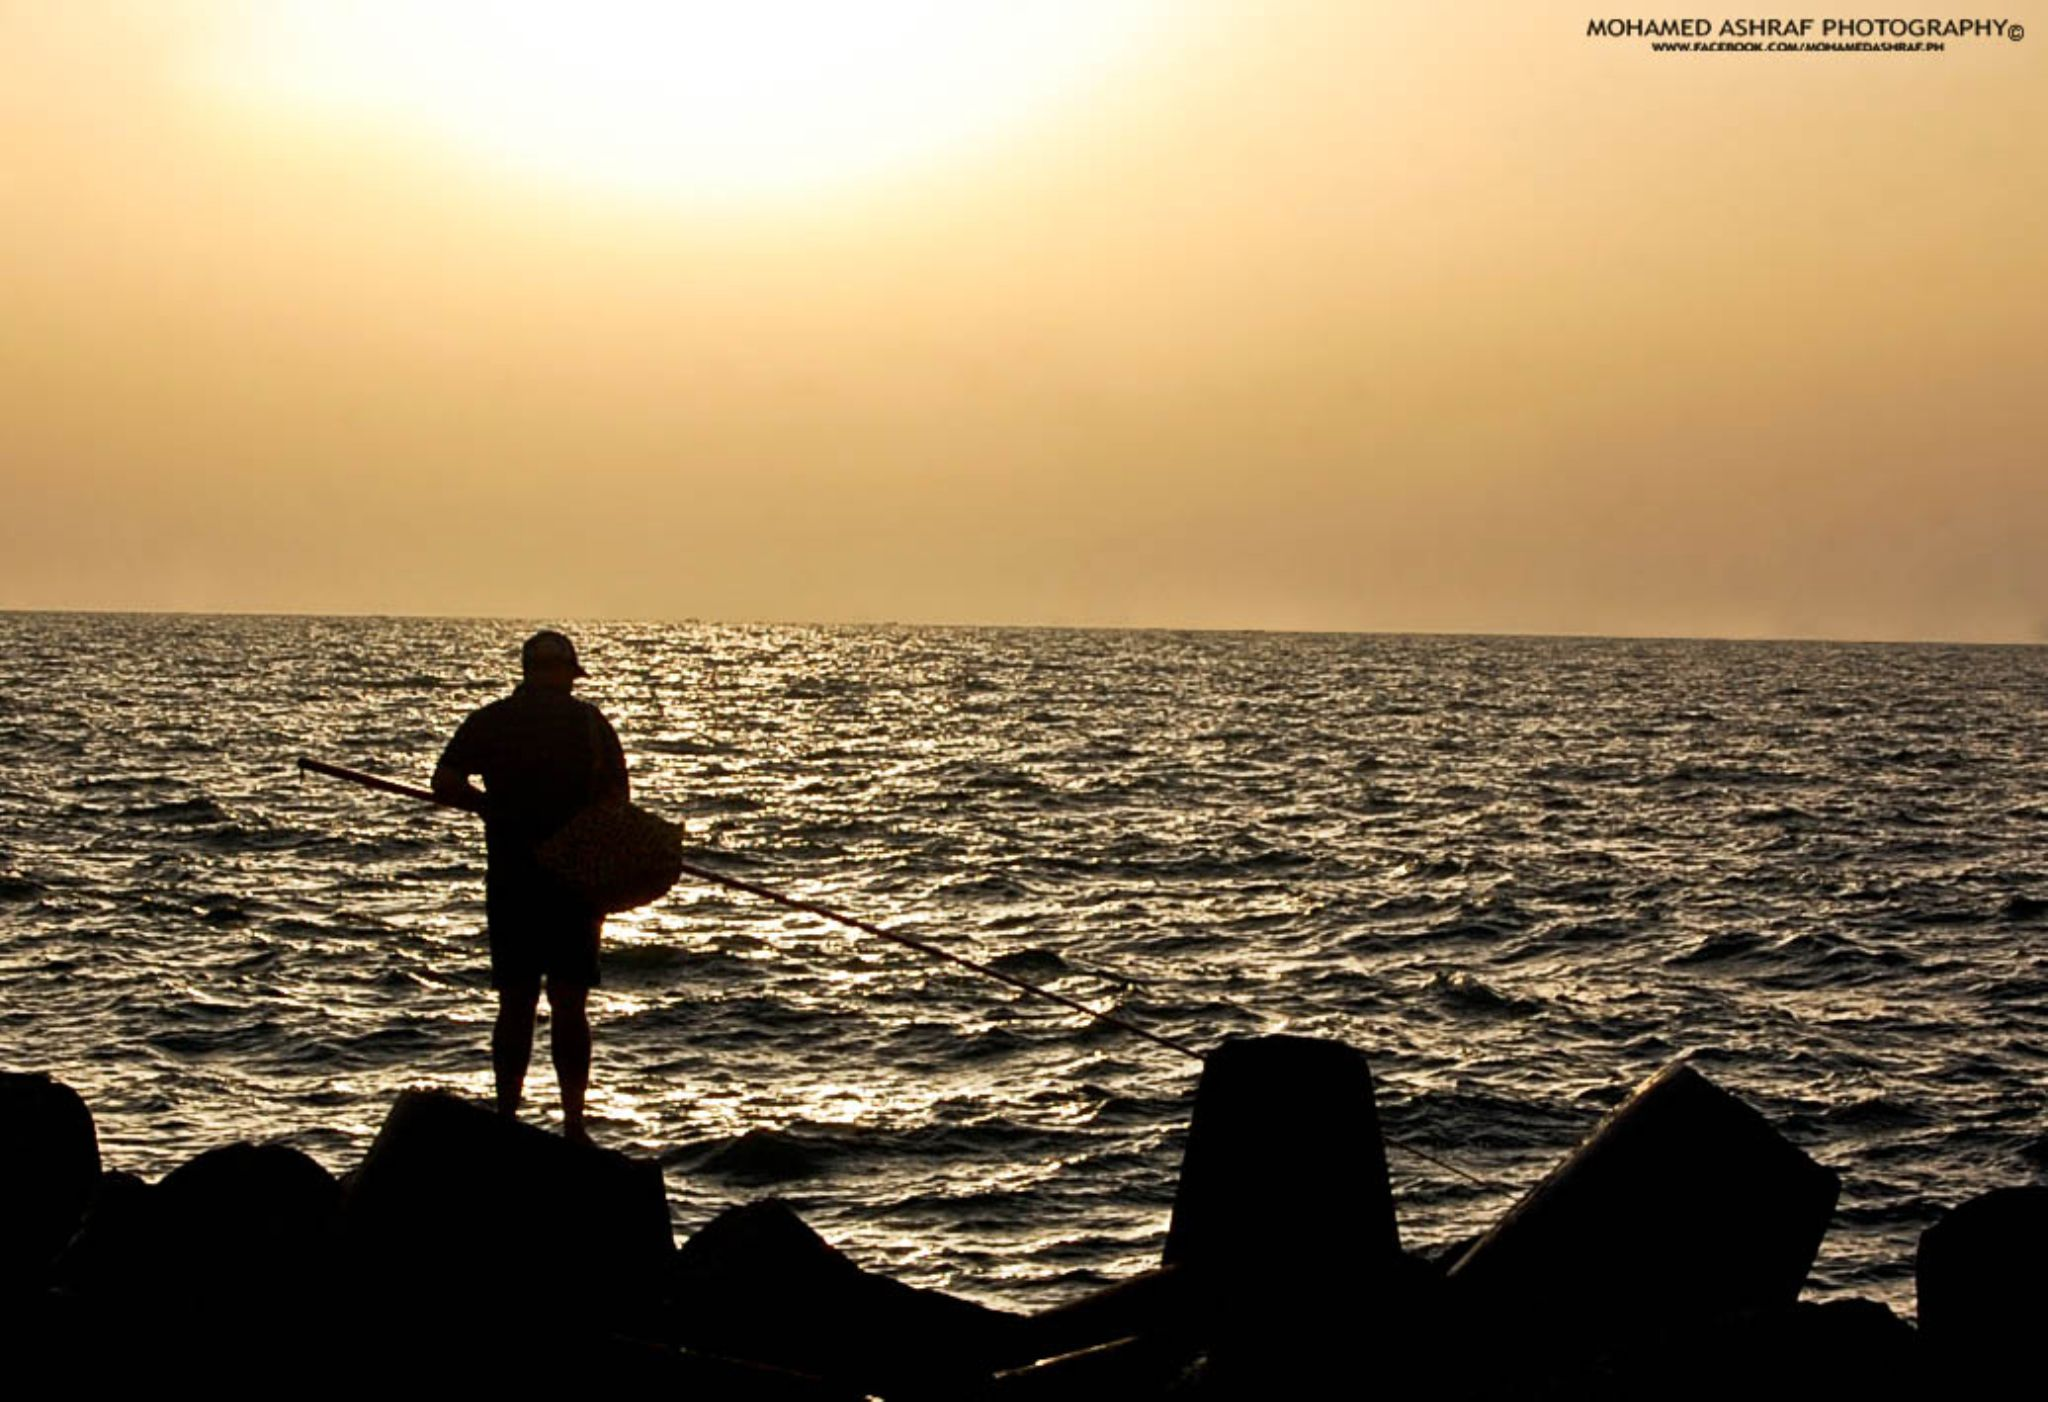 DSC_3689 copy by Mohamed Ashraf